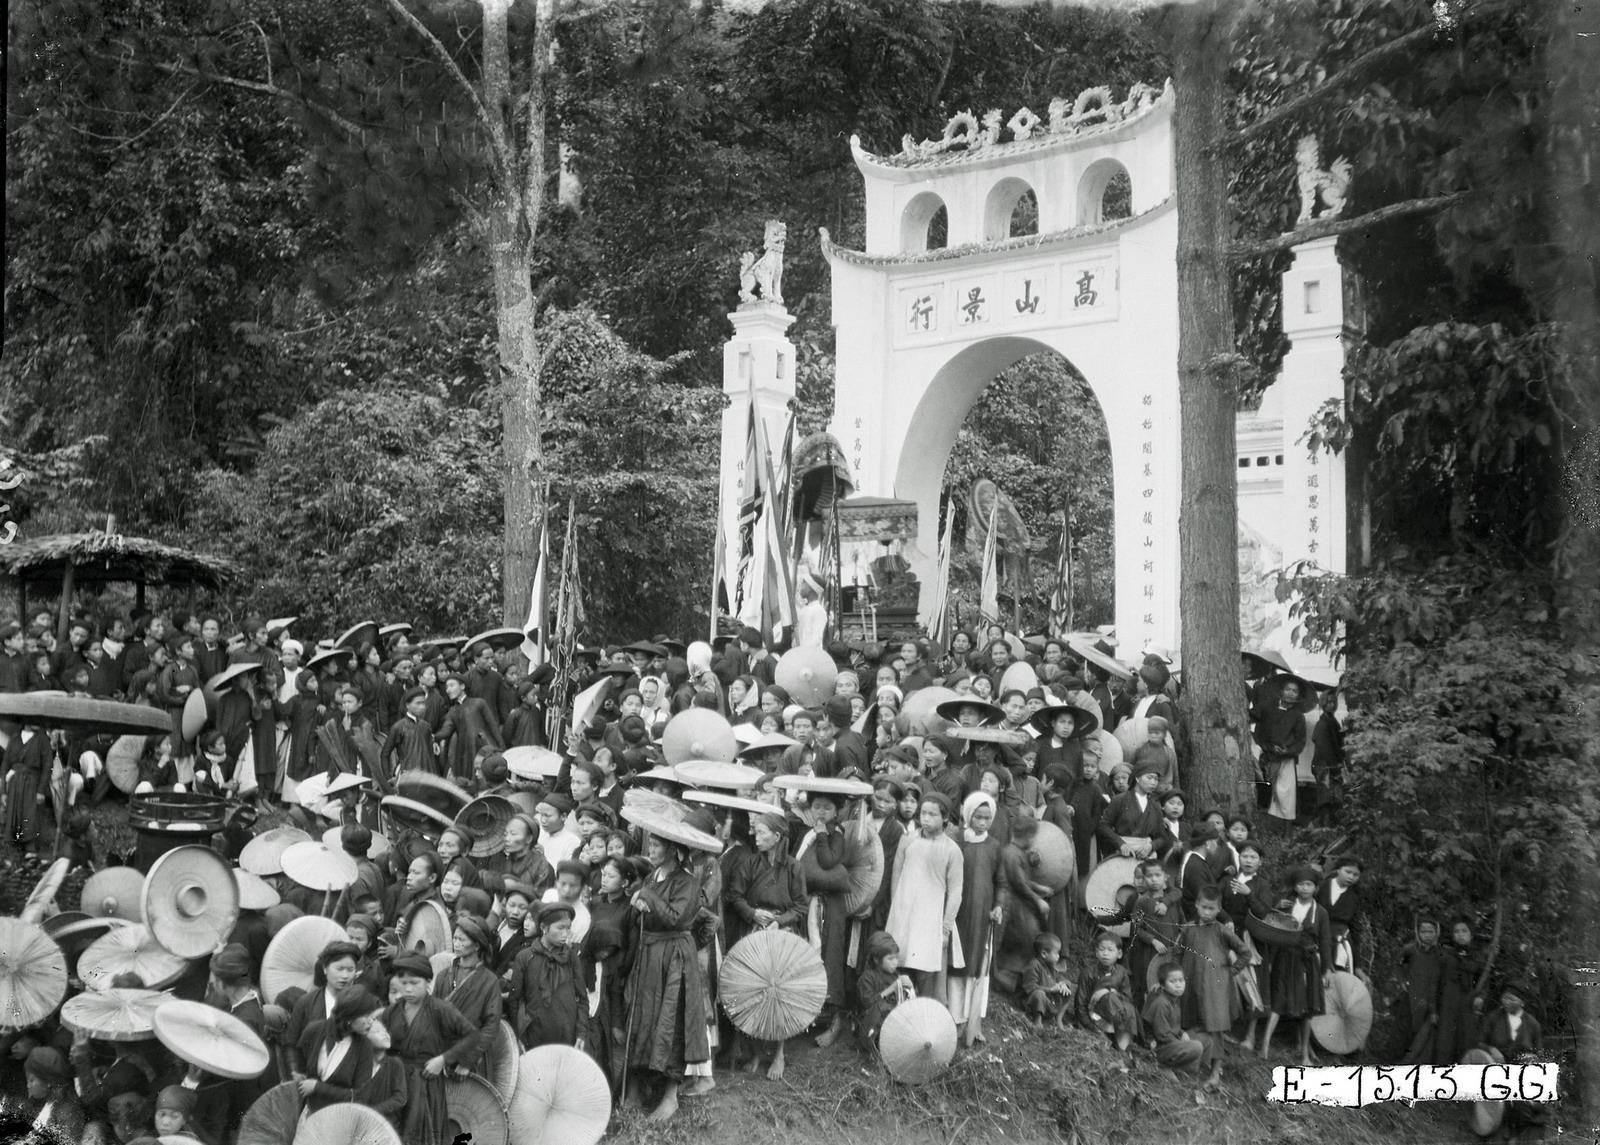 Hình ảnh khó quên về lễ hội đền Hùng thập niên 1920